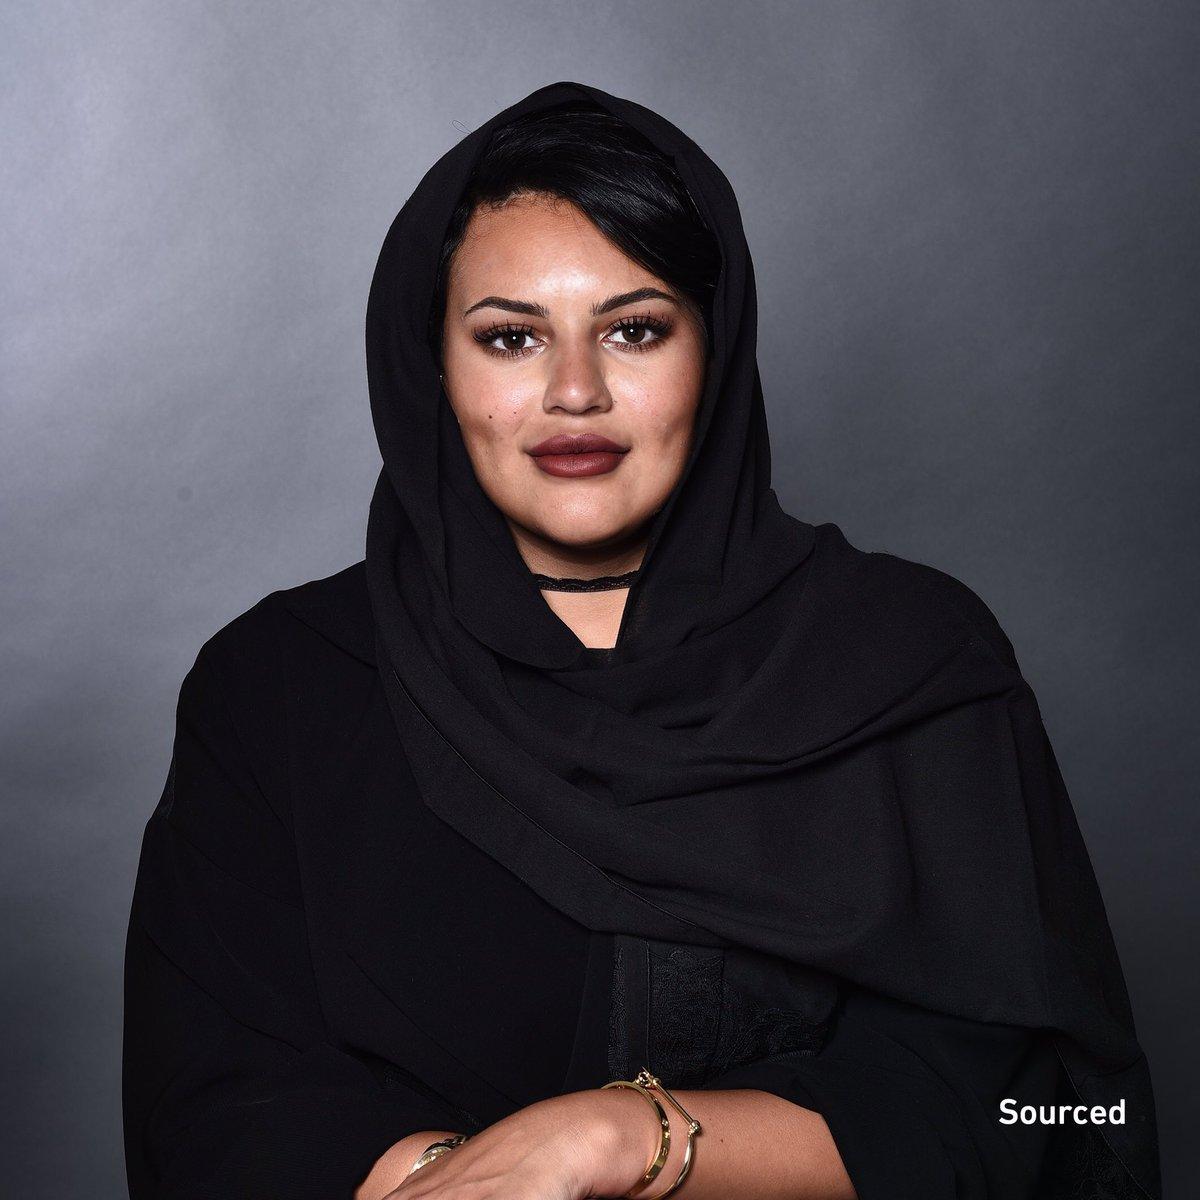 قصة نجاح مصممة الأزياء ريناد حفني - المرسال